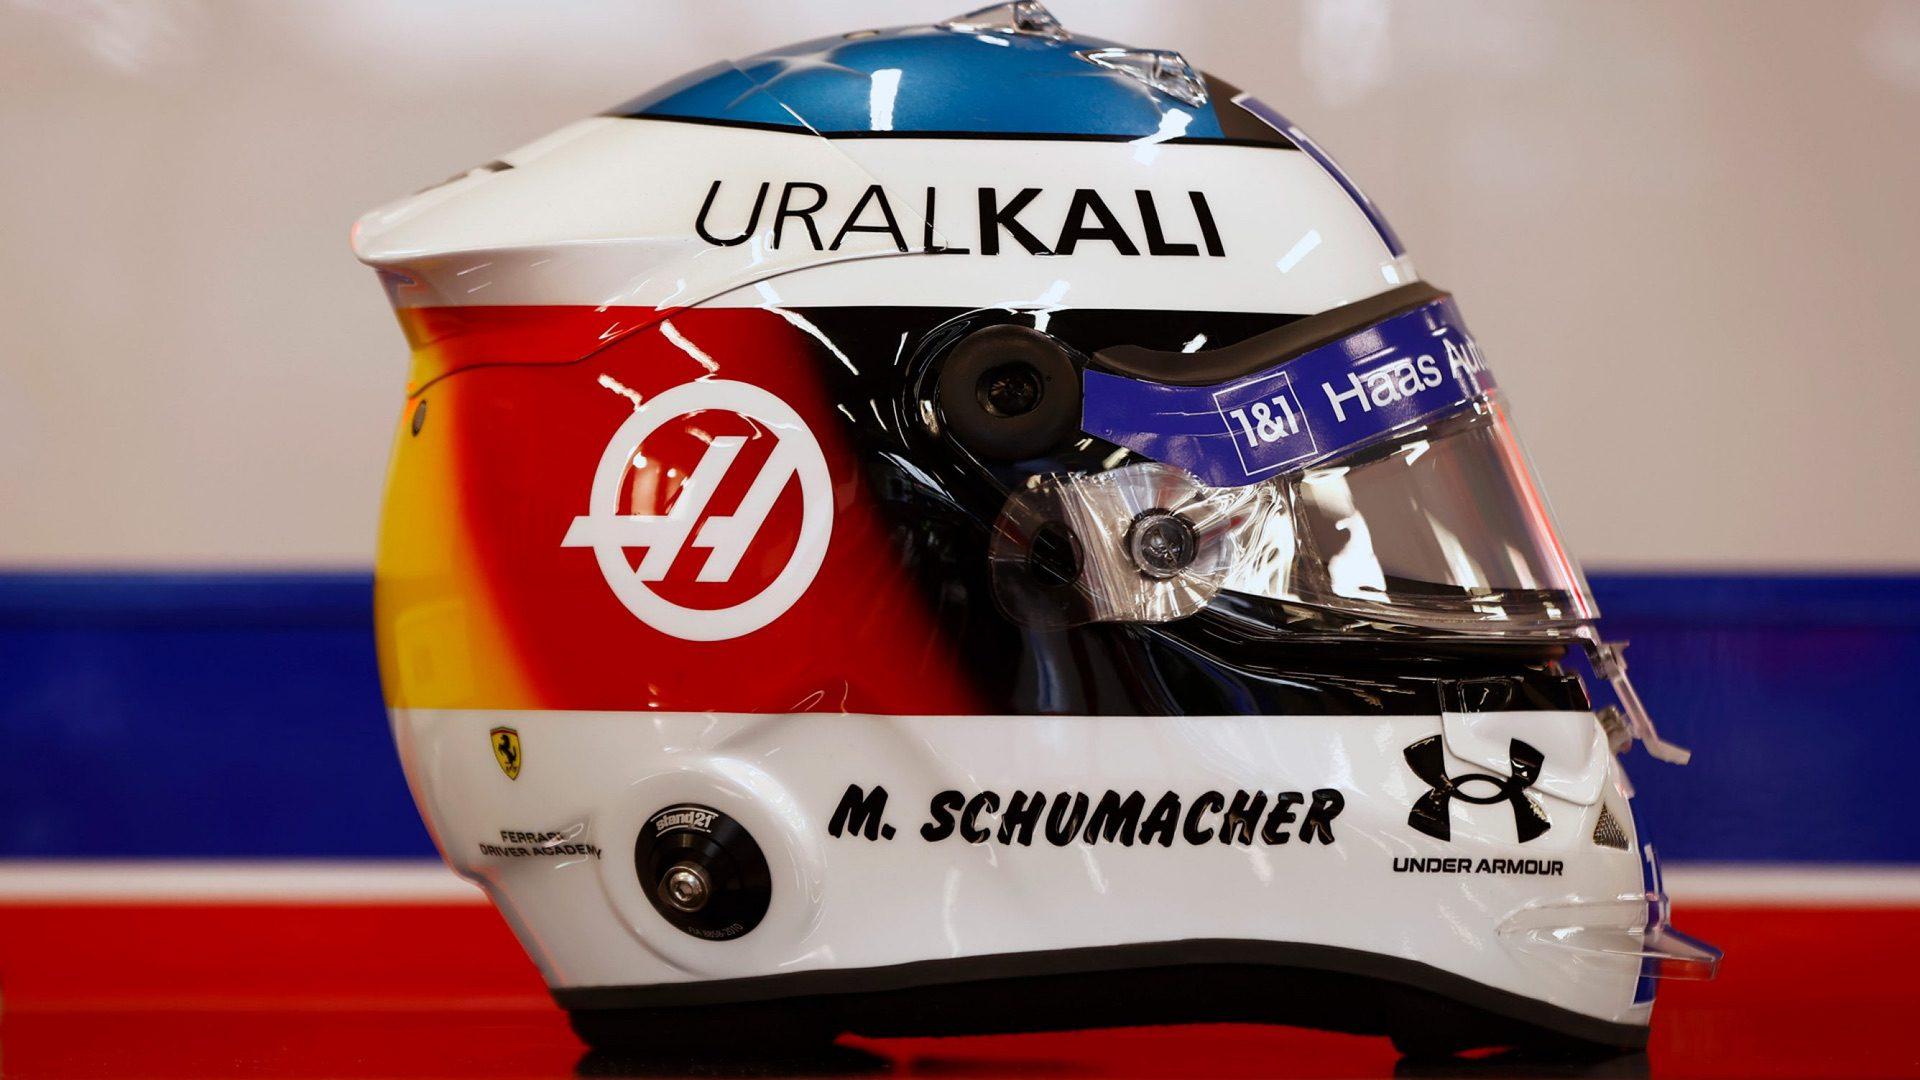 Mick_Schumacher_helmet-0001